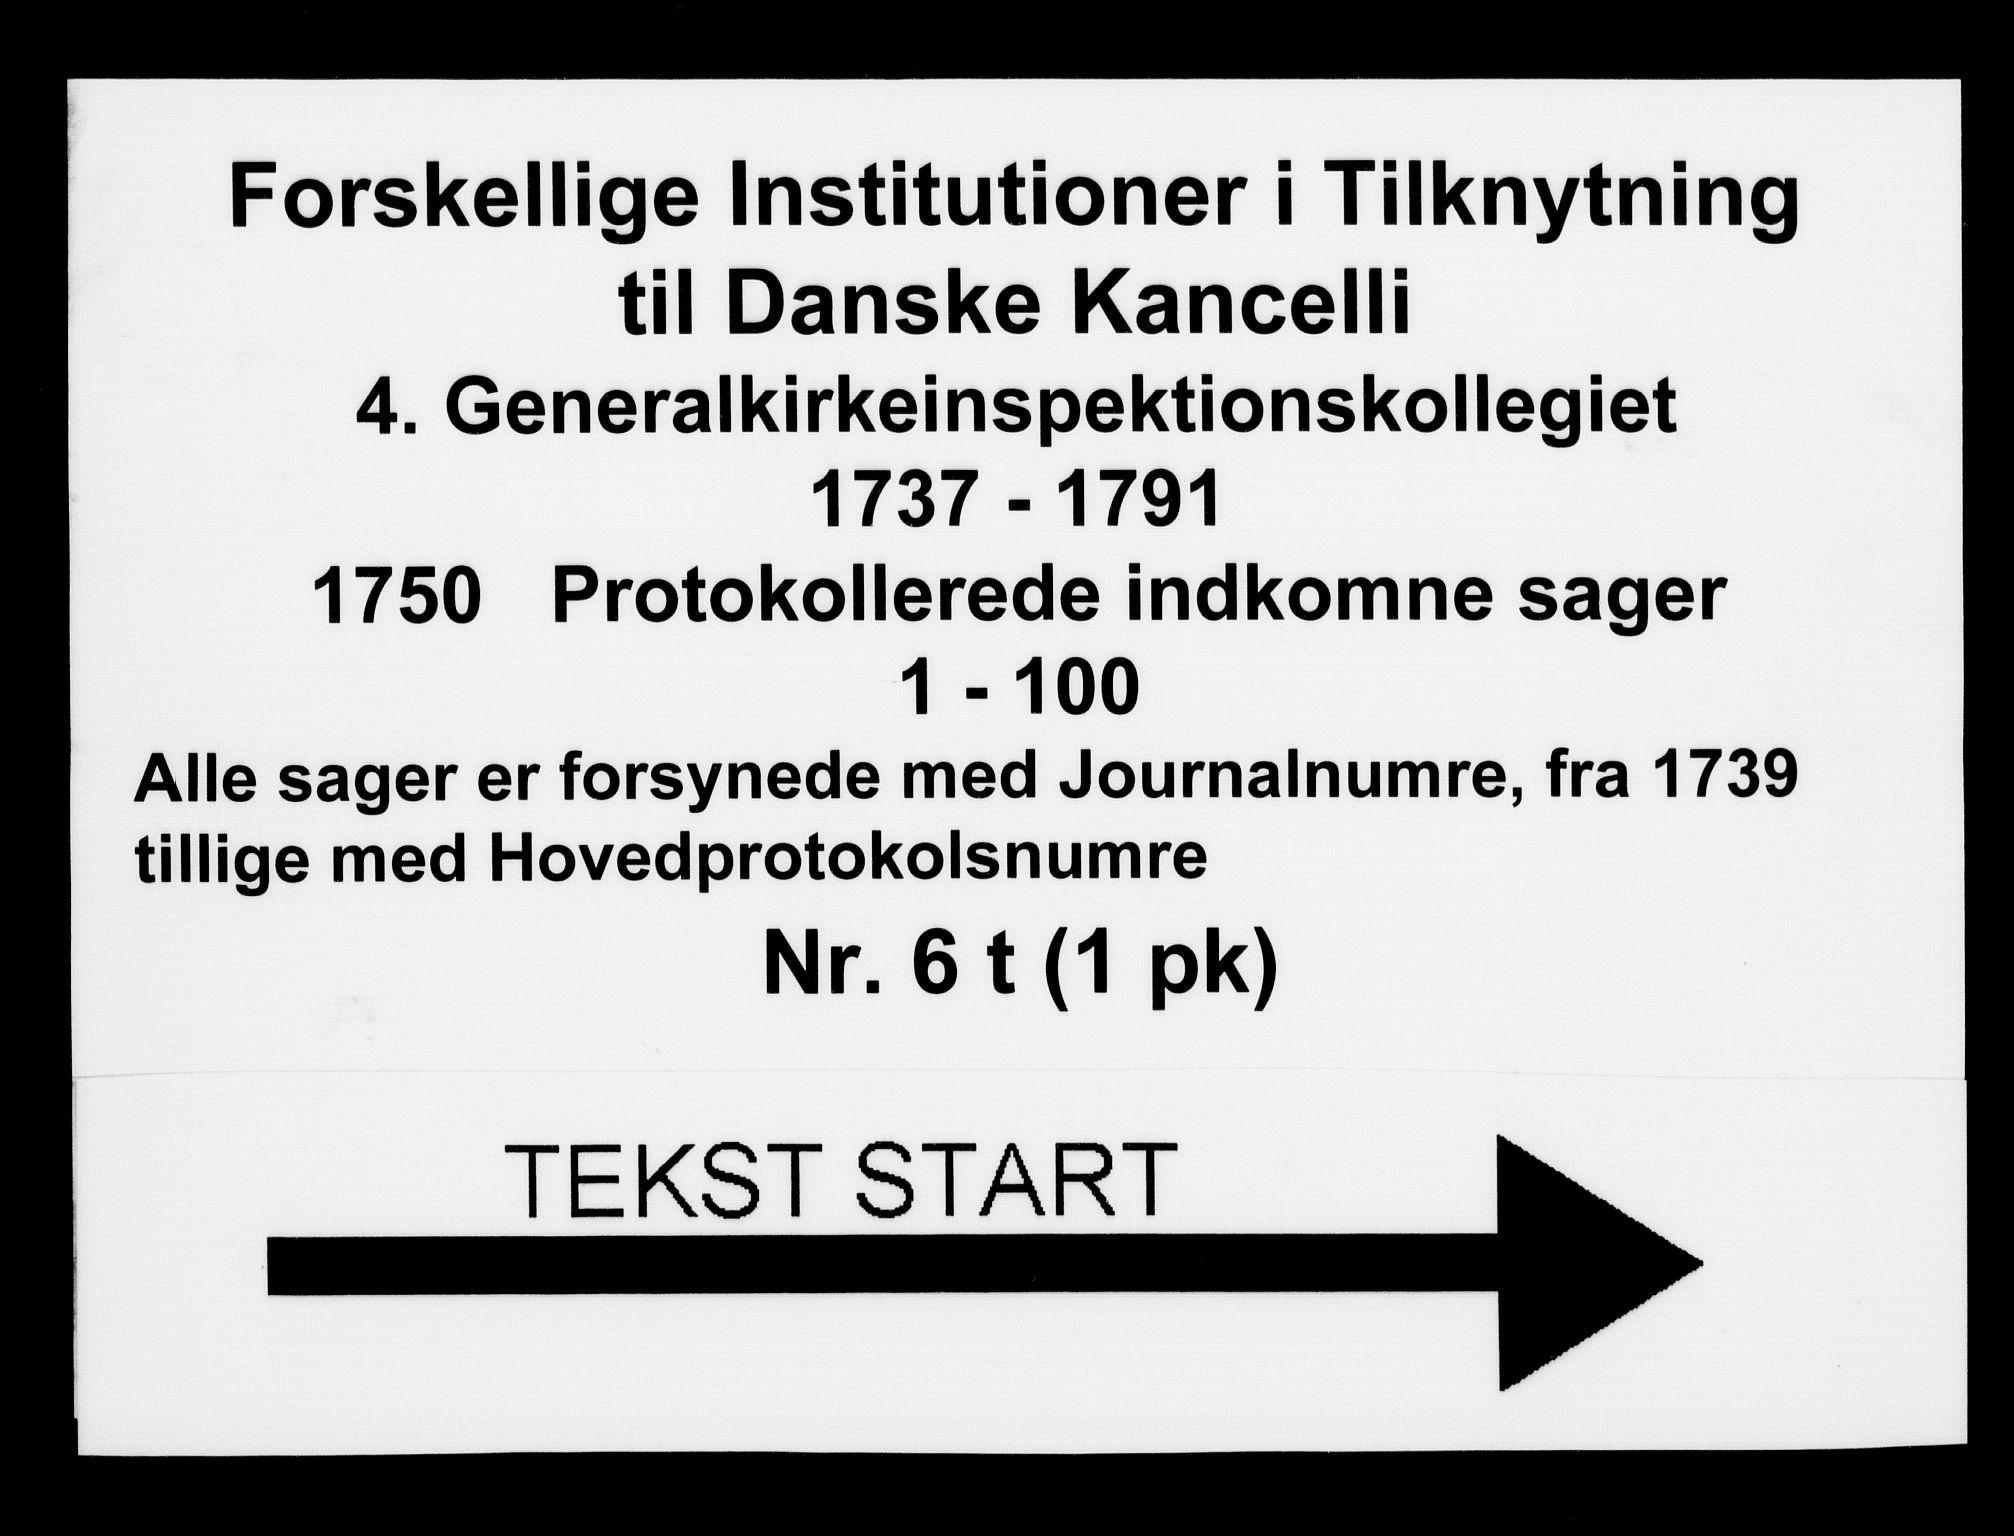 DRA, Generalkirkeinspektionskollegiet, F4-06/F4-06-20: Protokollerede indkomne sager, 1750